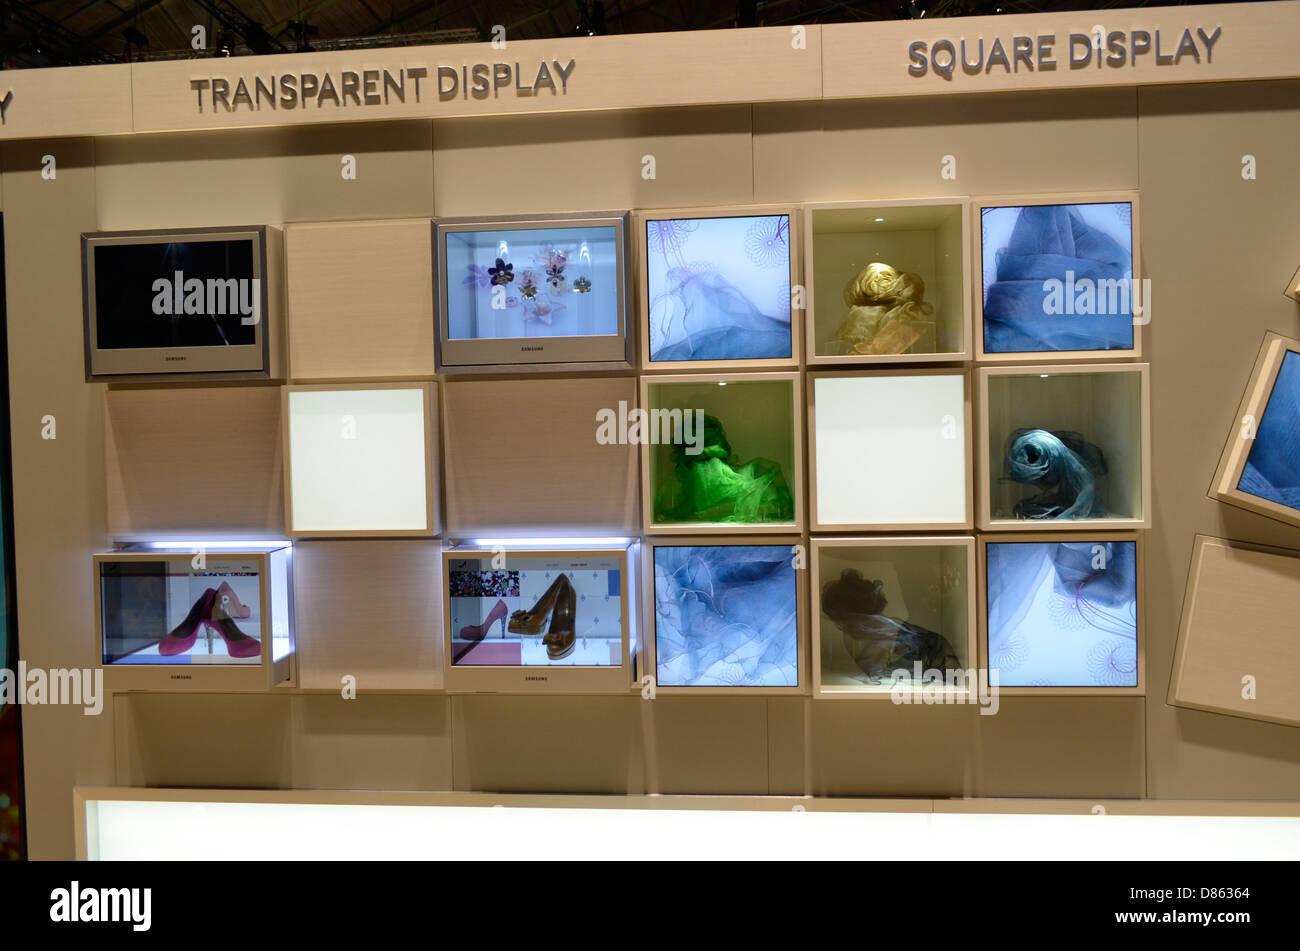 Transparent display Stock Photo